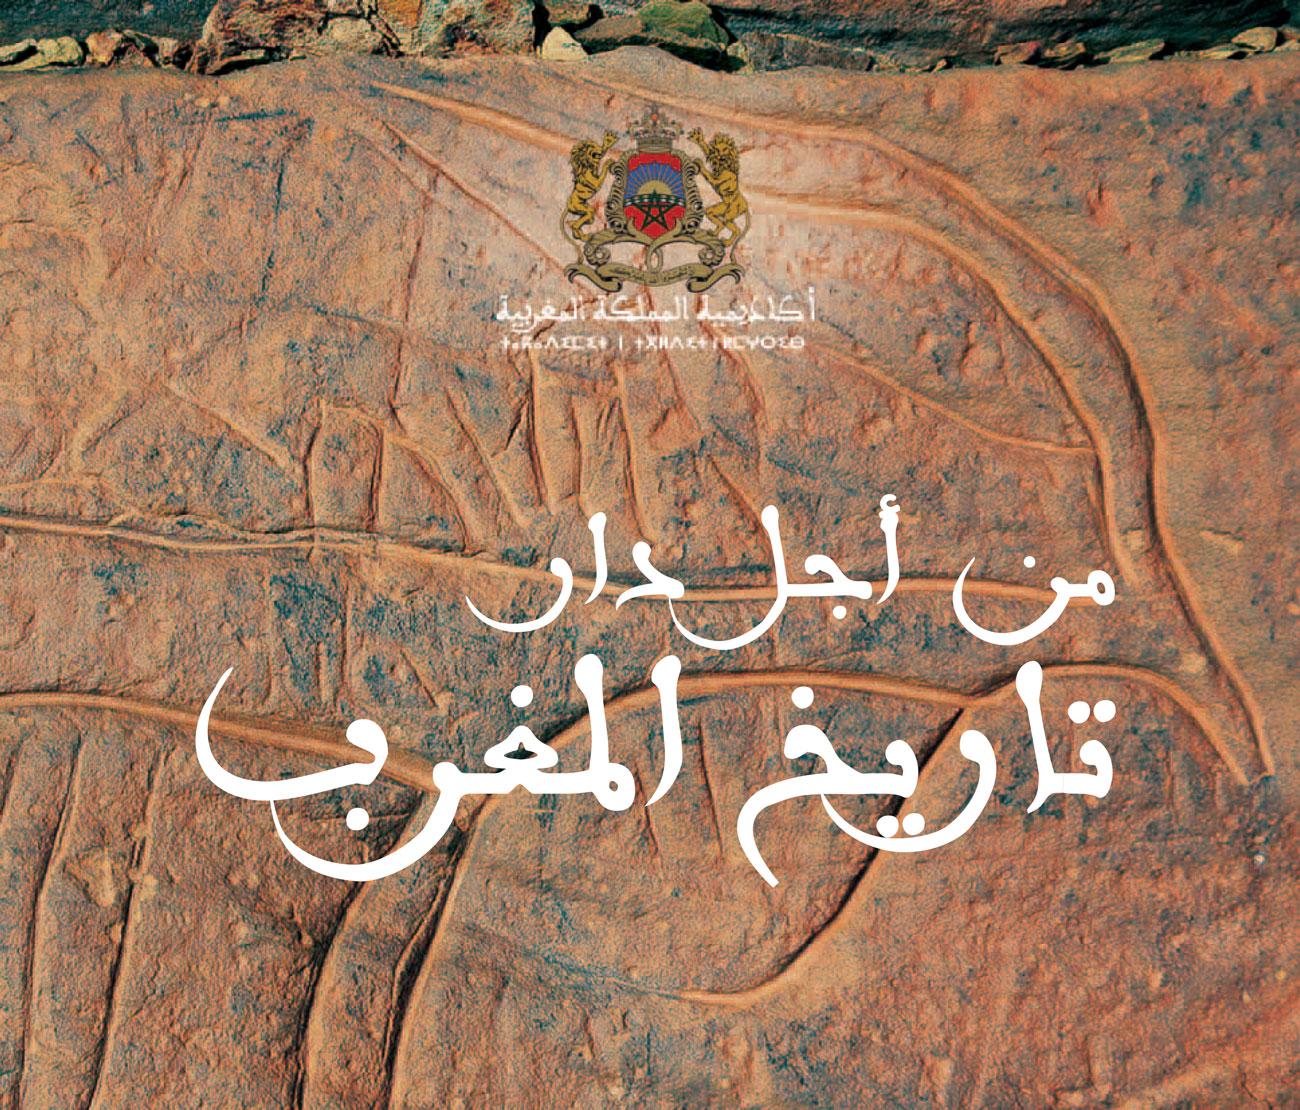 أكاديمية المملكة المغربية تصدر مؤلفا حول دار تاريخ المغرب